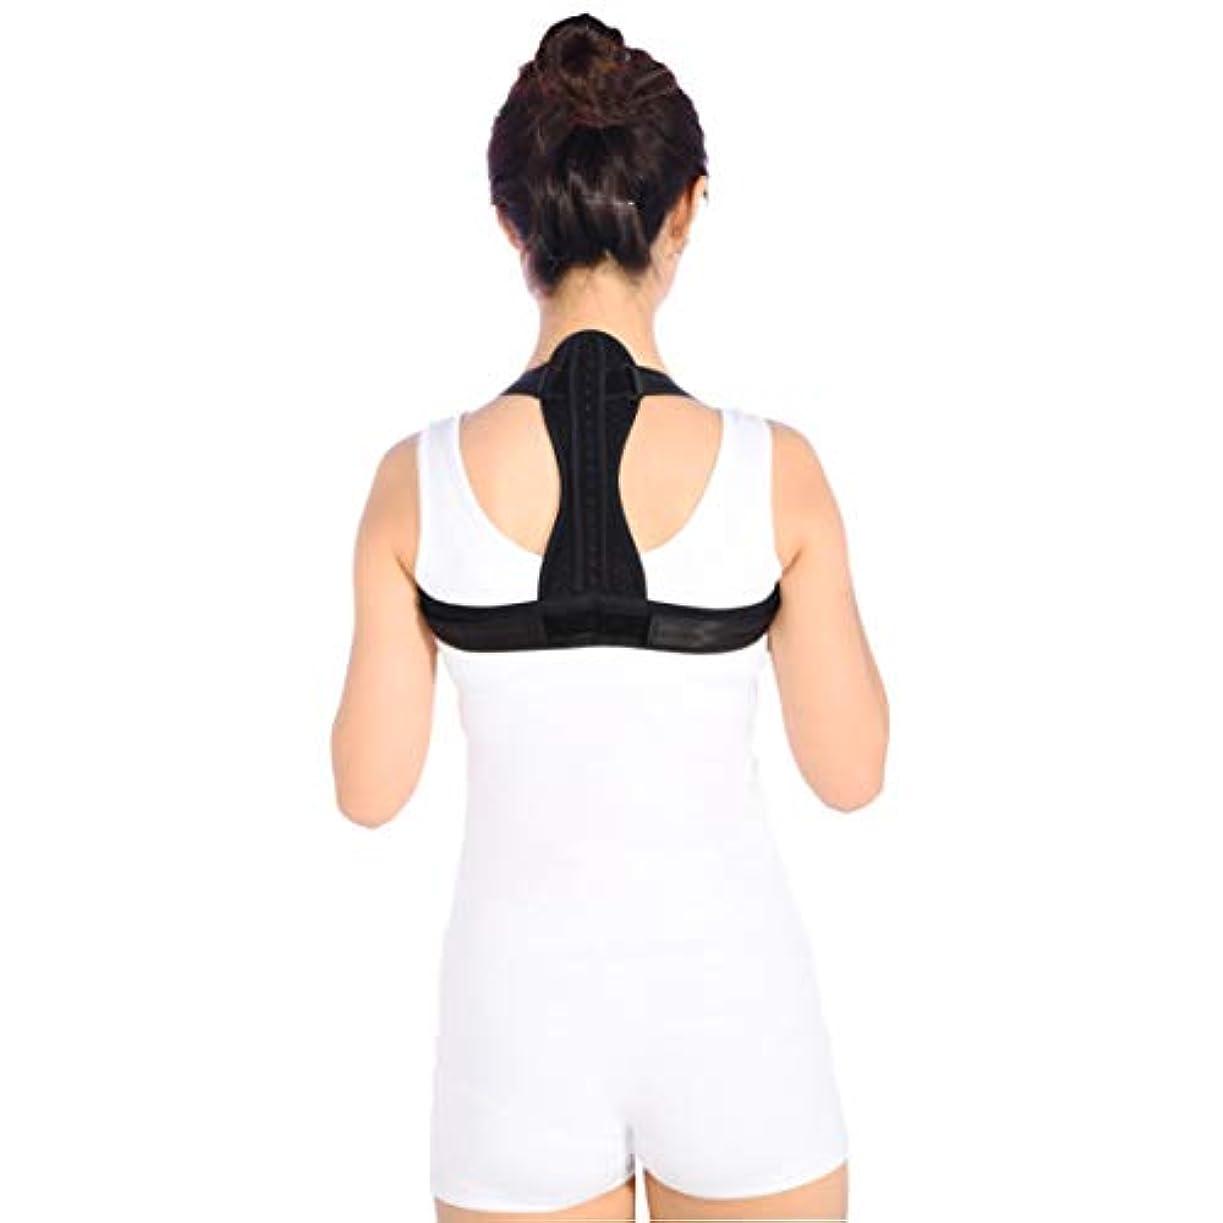 なだめる見積りテクスチャー通気性の脊柱側弯症ザトウクジラ補正ベルト調節可能な快適さ目に見えないベルト男性女性大人学生子供 - 黒